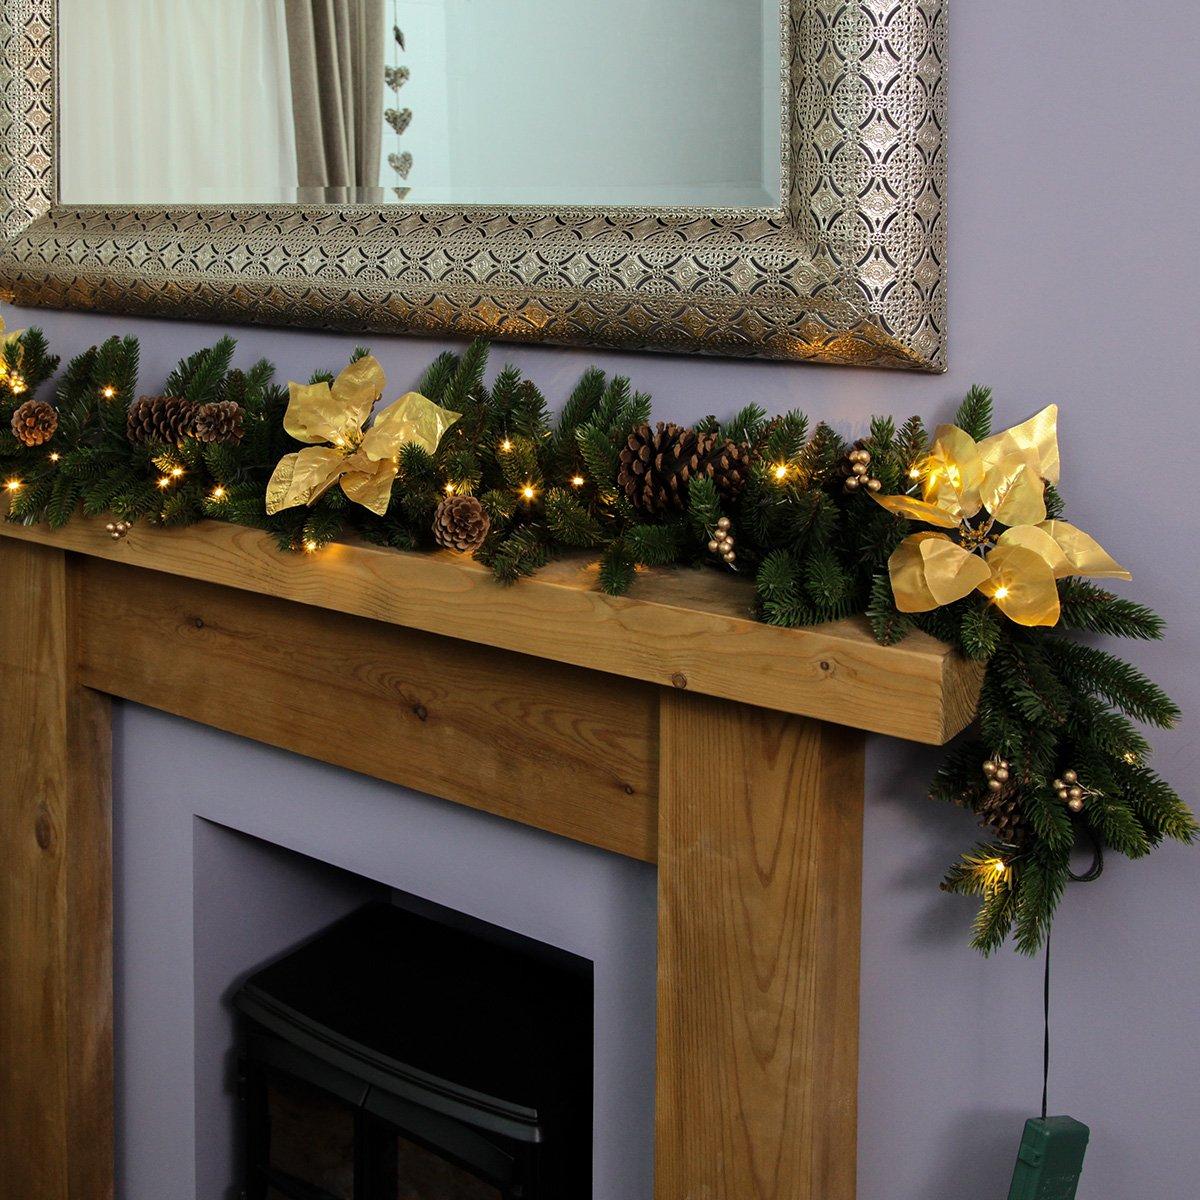 Gold Außen Innen Beleuchtete Weihnachtsgirlande, batteriebetrieben, mit Weihnachtssternen und Kiefernzapfen, 1,8m, von Festive Lights (Gold)